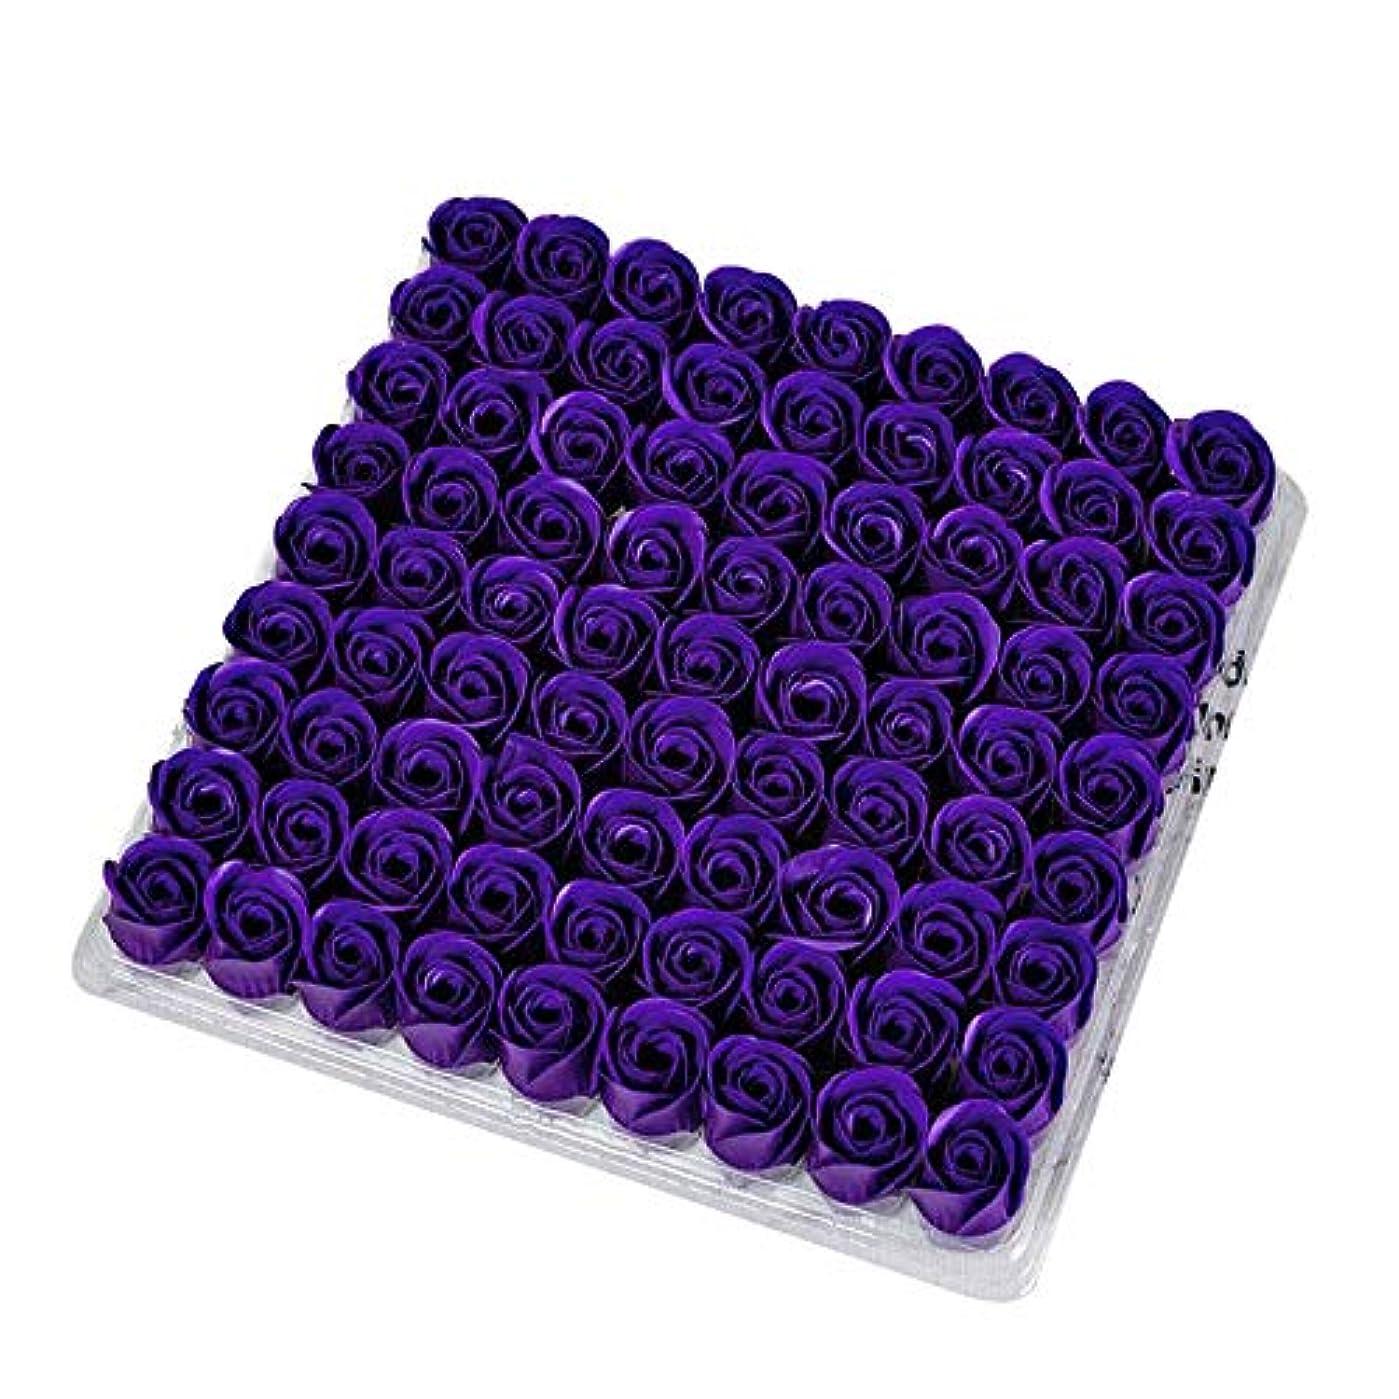 安息賞地下鉄SODIAL 81個の薔薇、バス ボディ フラワー?フローラルの石けん 香りのよいローズフラワー エッセンシャルオイル フローラルのお客様への石鹸 ウェディング、パーティー、バレンタインデーの贈り物、紫色